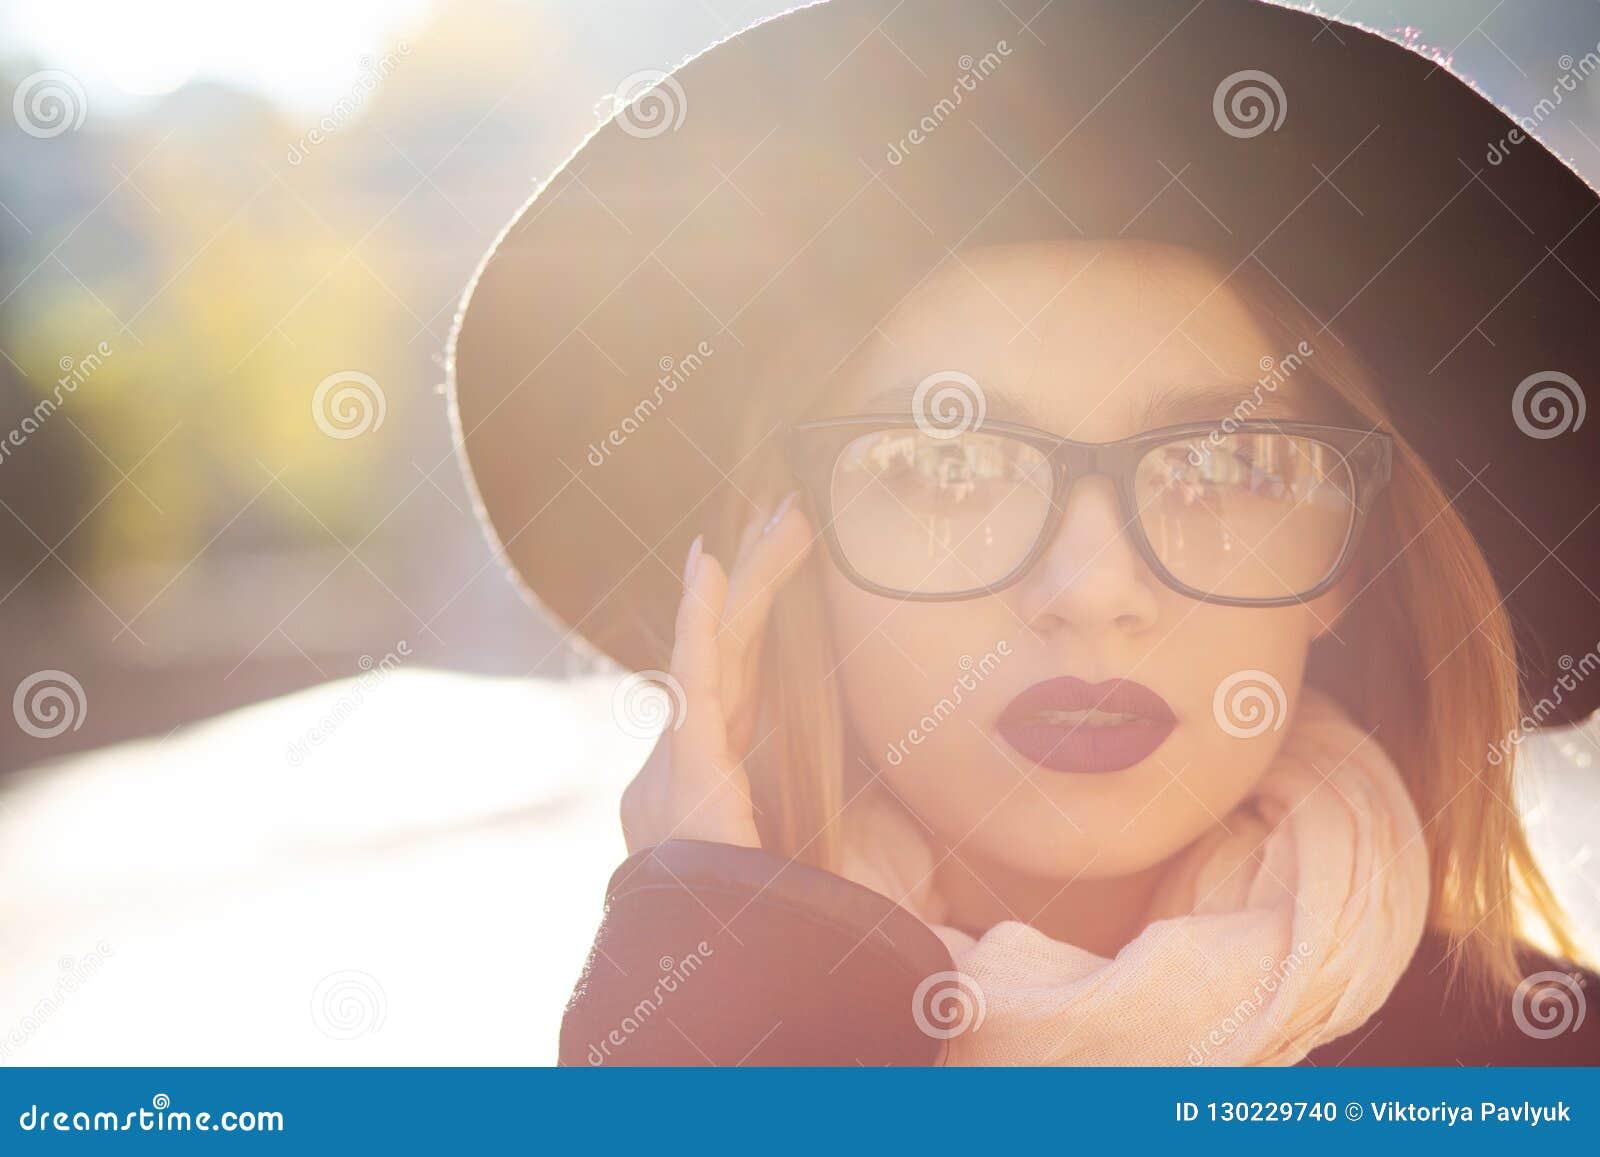 Ritratto urbano del modello biondo adorabile con le labbra rosse che indossano i glas